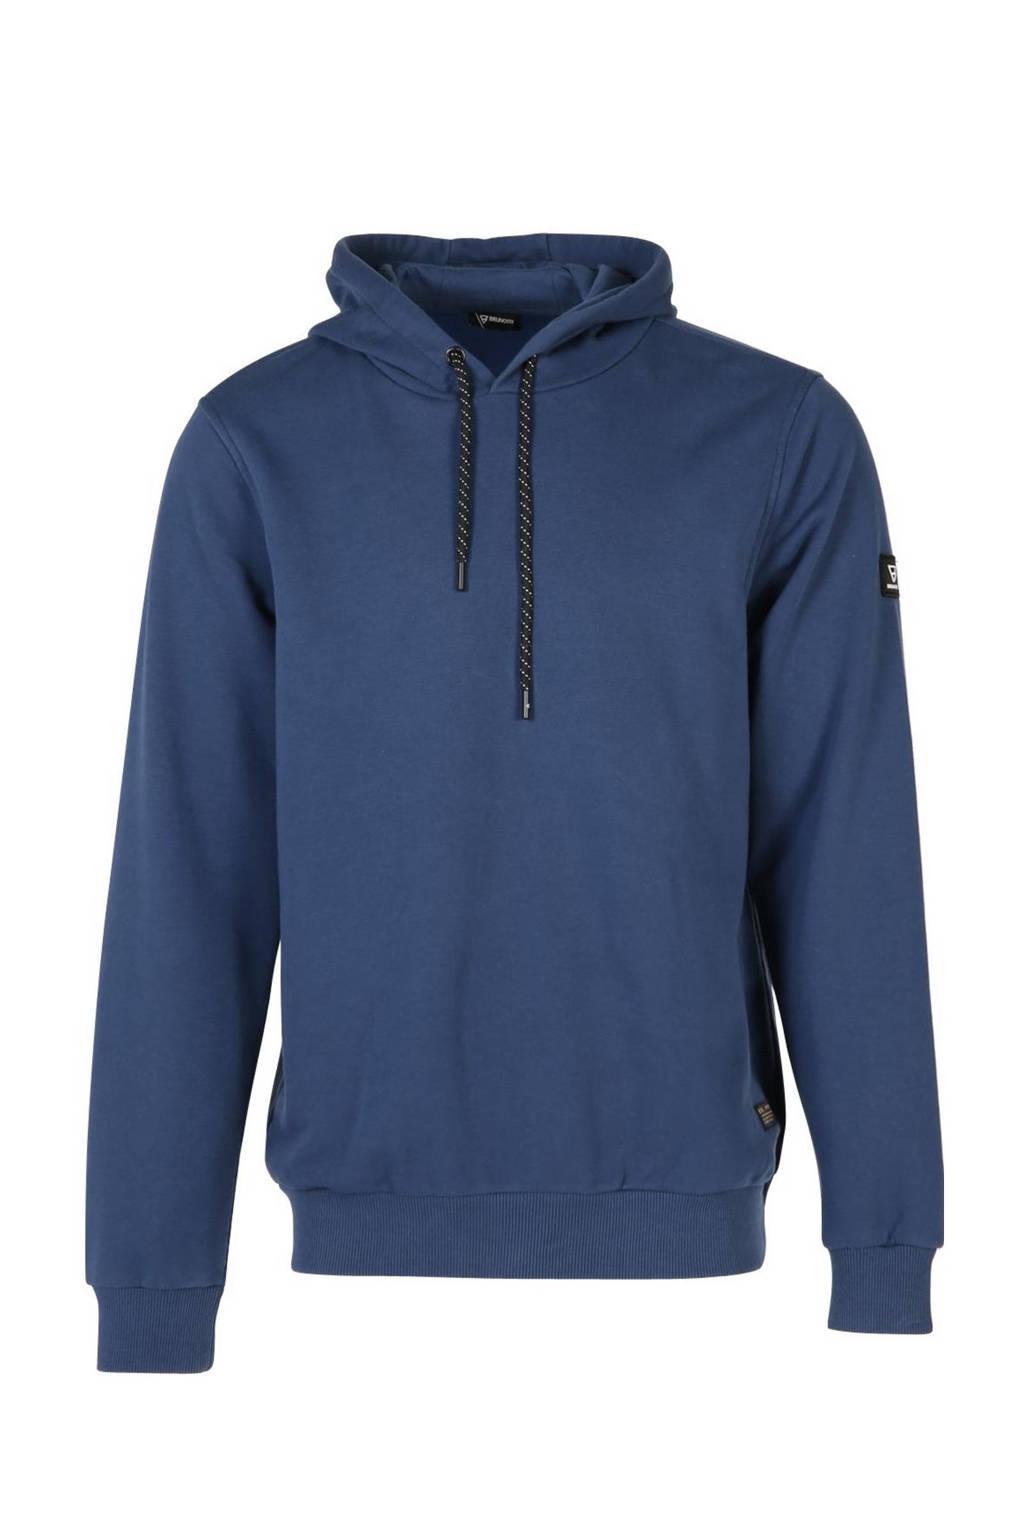 Brunotti outdoor sweater donkerblauw, Donkerblauw